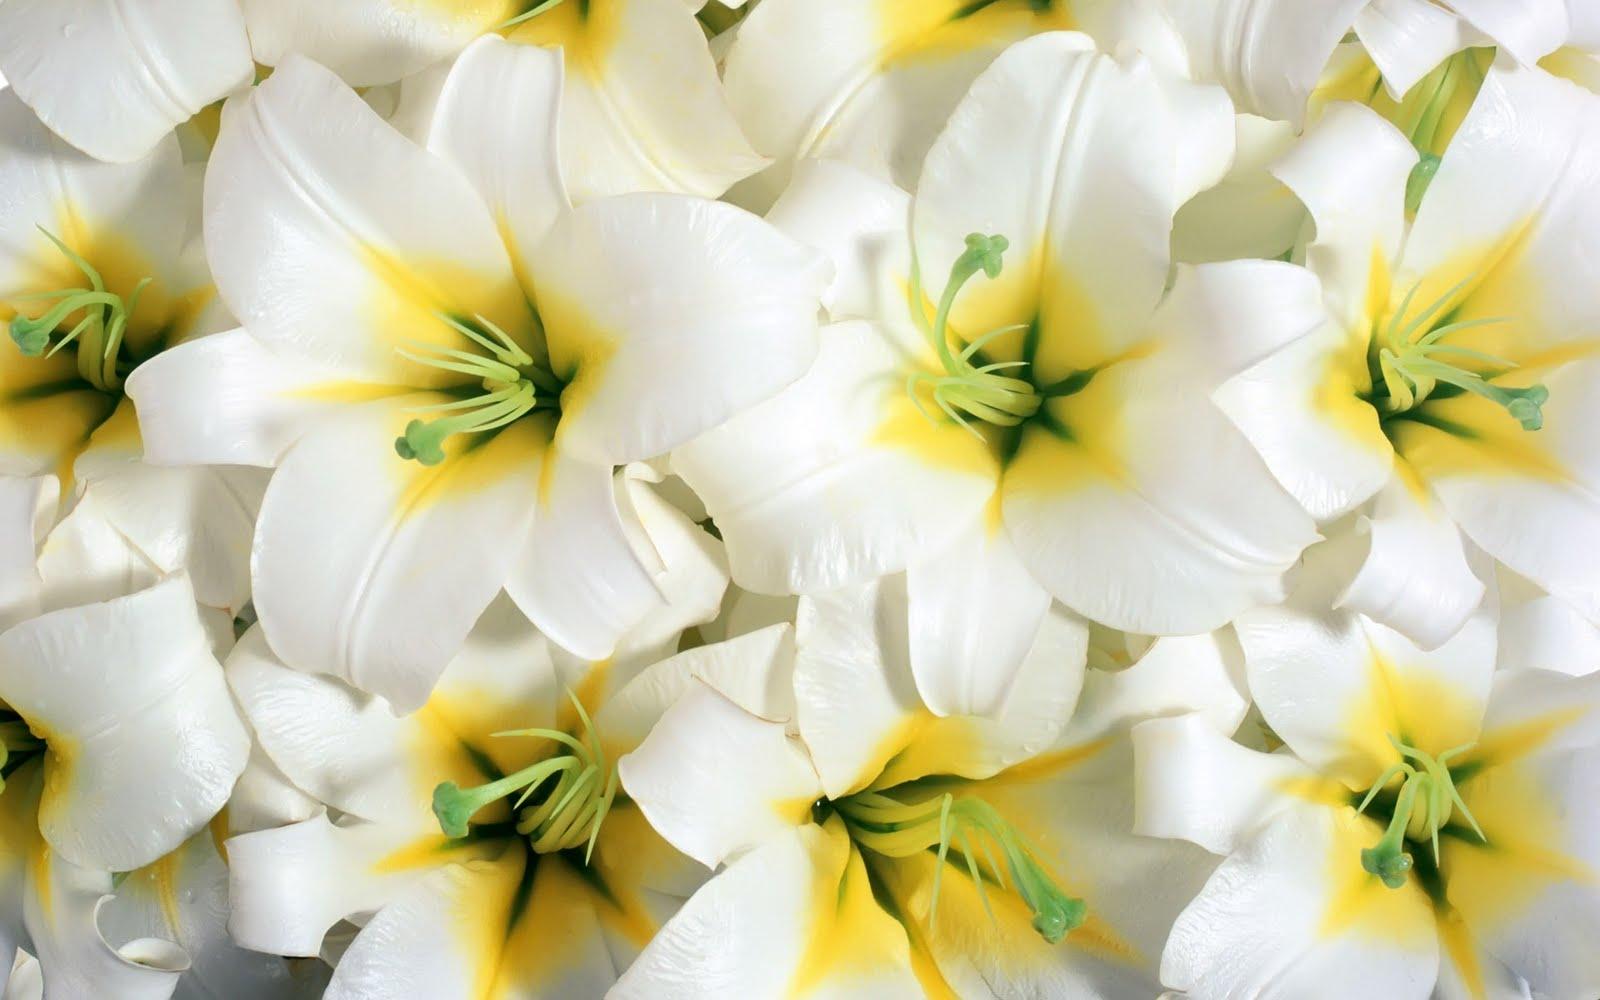 http://1.bp.blogspot.com/-09sWYXuPV7Q/TdlkluS_uZI/AAAAAAAAQKA/QHqSSHVeC9s/s1600/flowers-1920x1200.jpg